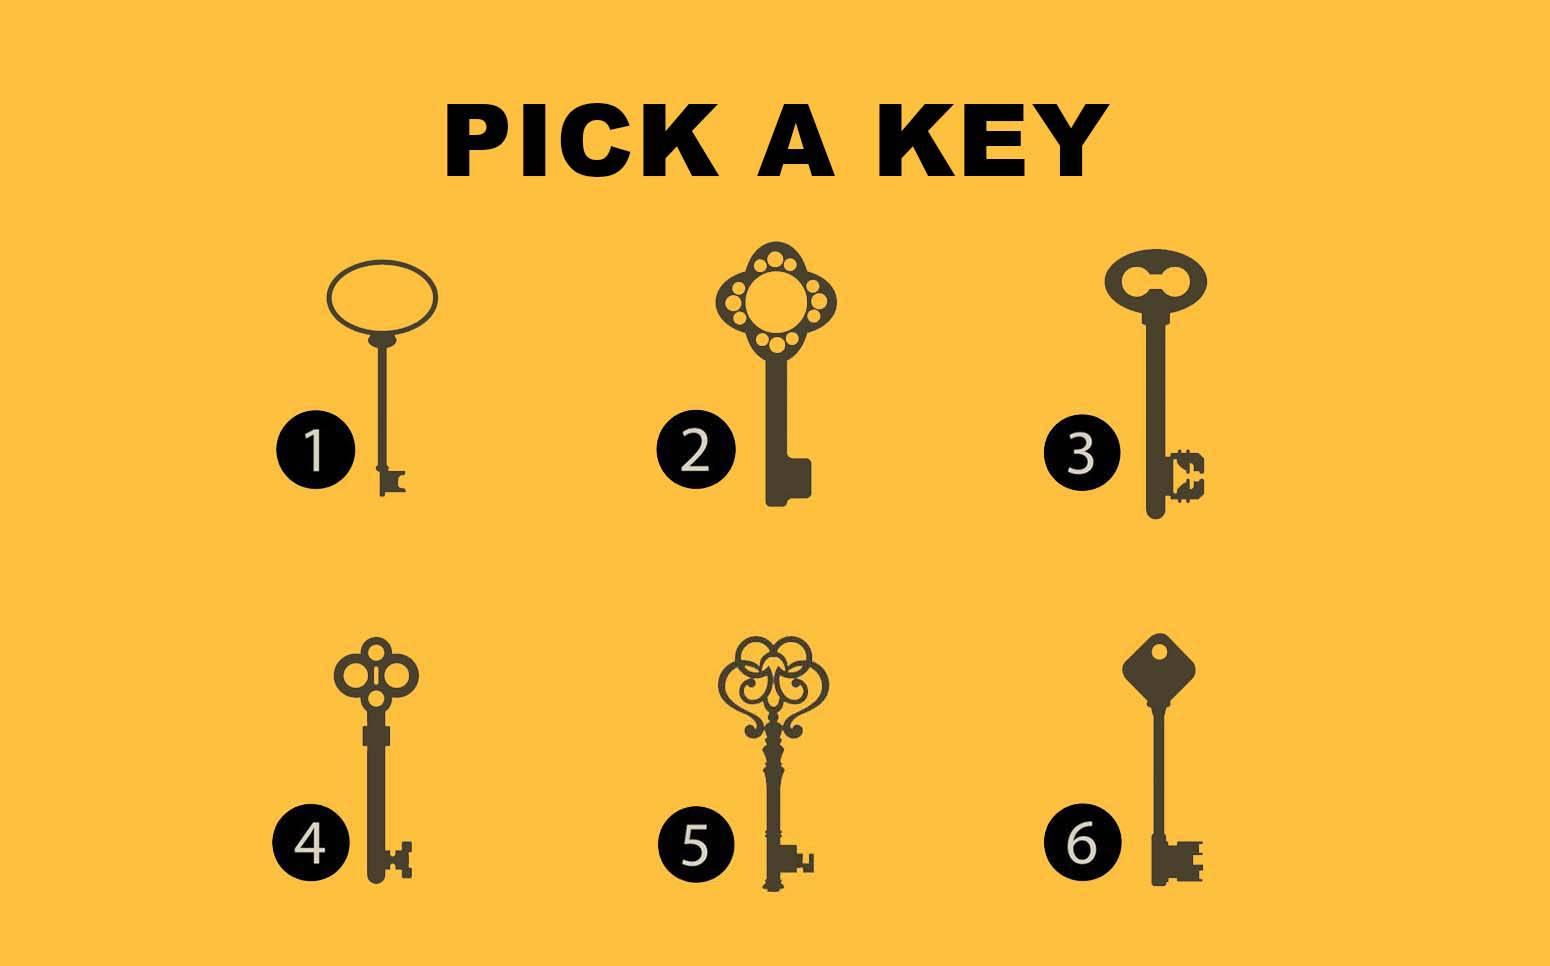 Koji ključ vas najviše privlači? To otkriva puno toga o vama...